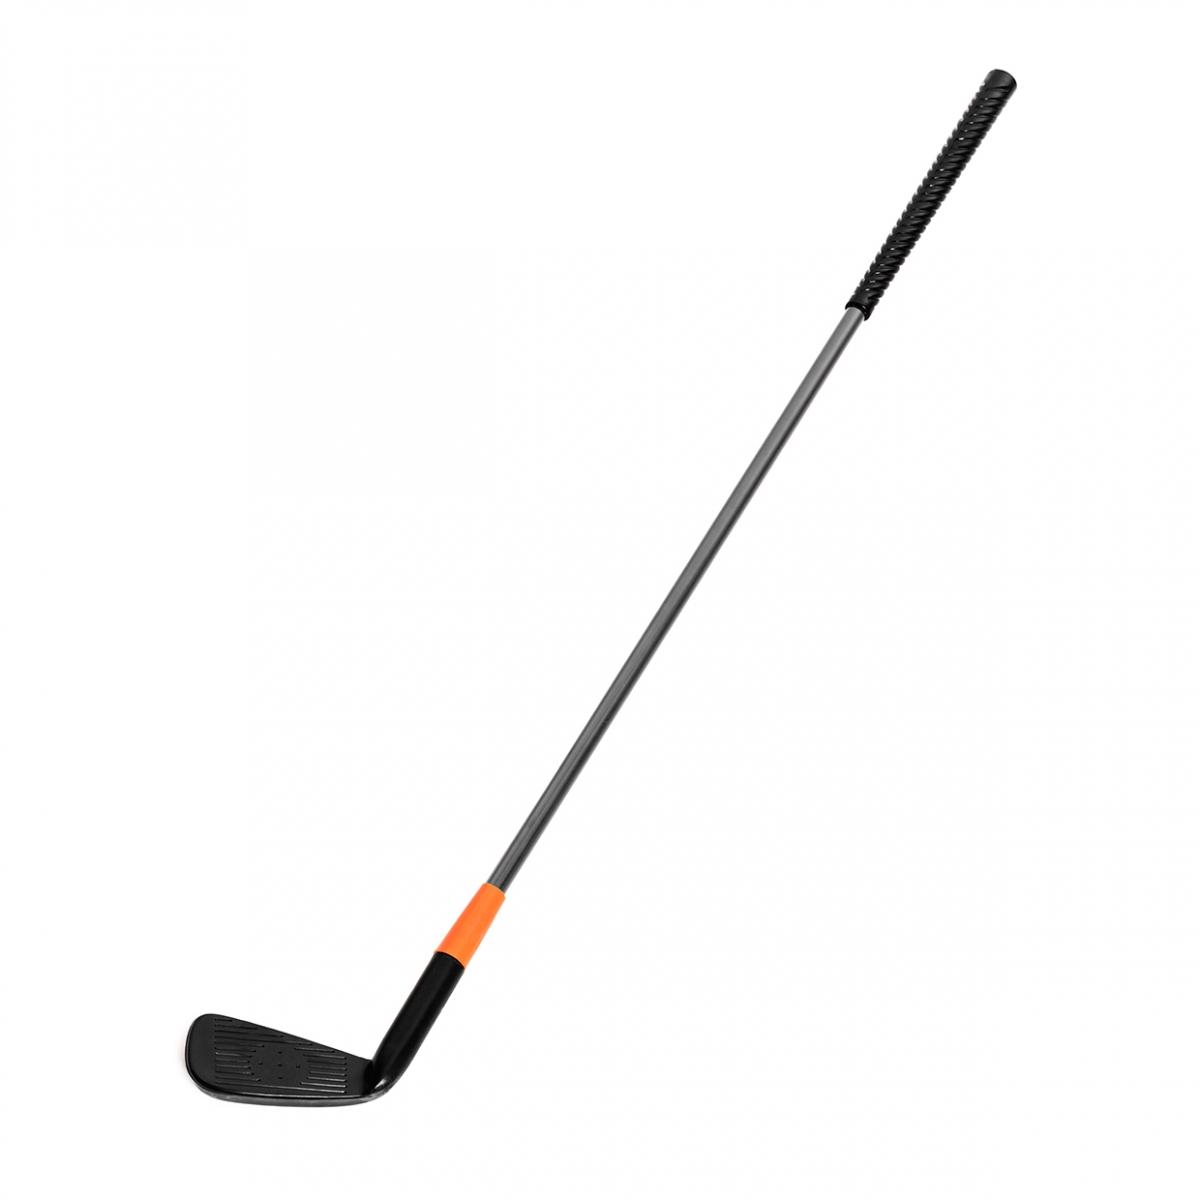 Imagen en la que se ve un palo de golf